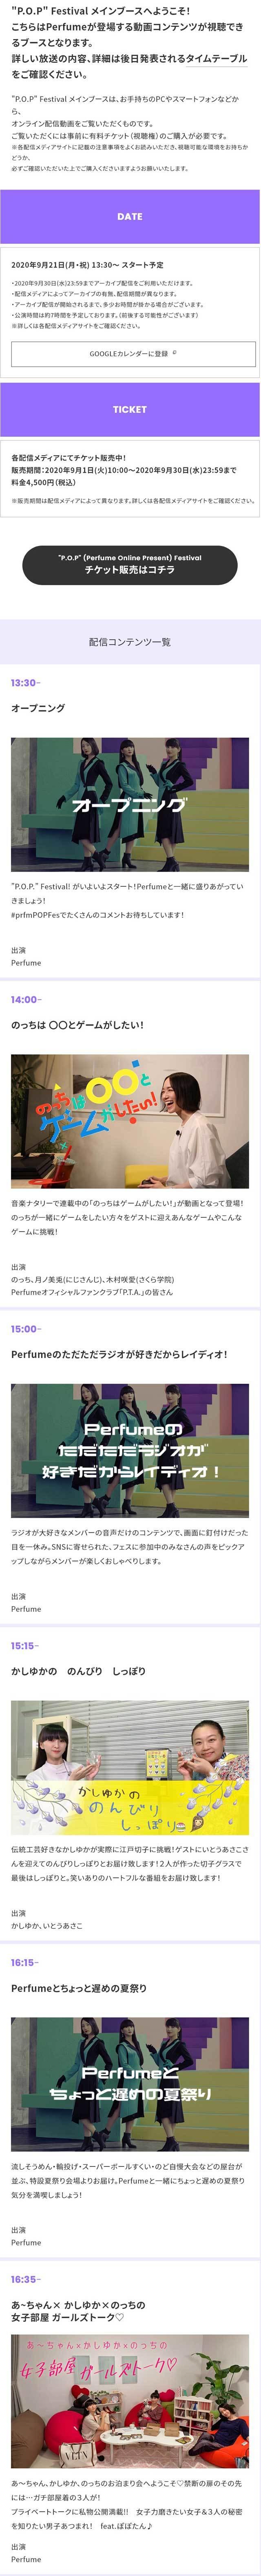 200917_04.jpg